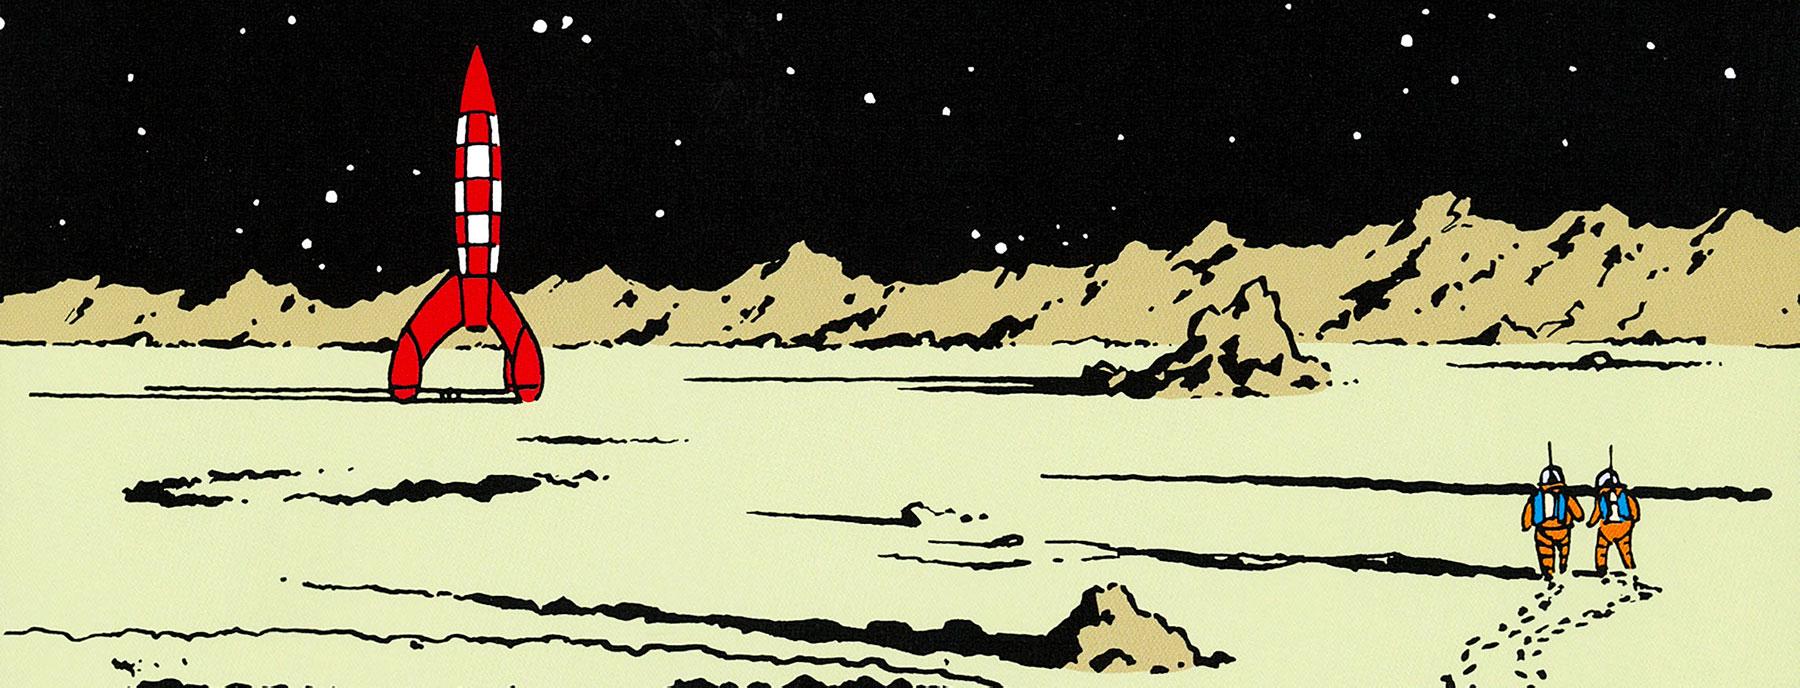 Tintin Explore on the Moon